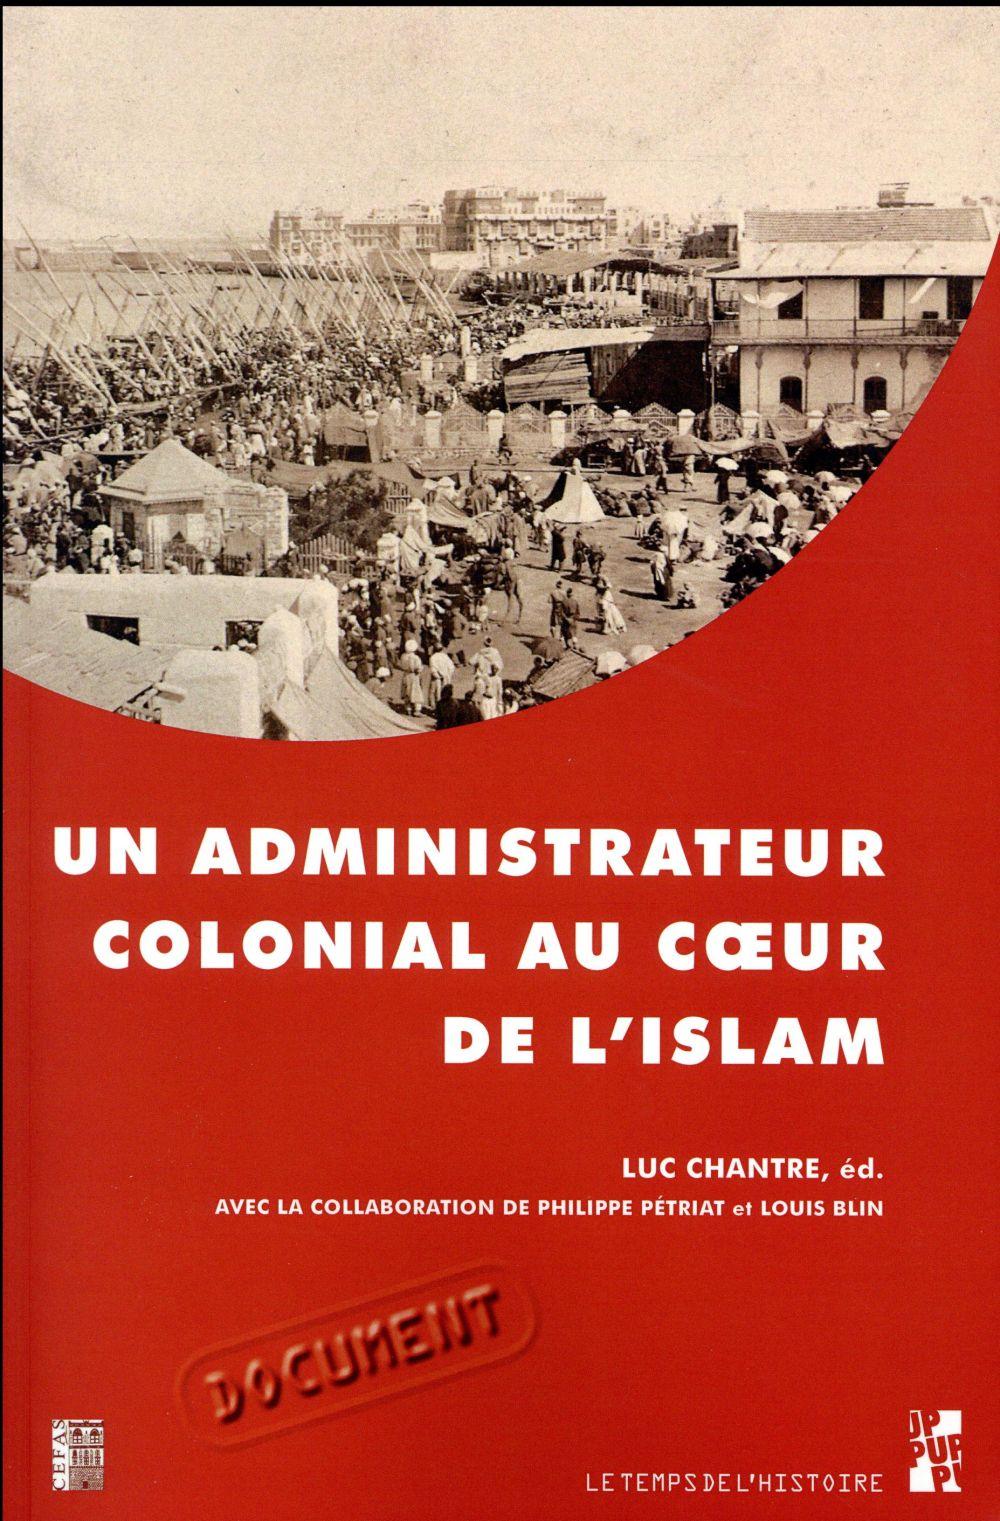 UN ADMINISTRATEUR COLONIAL AU COEUR DE L ISLAM